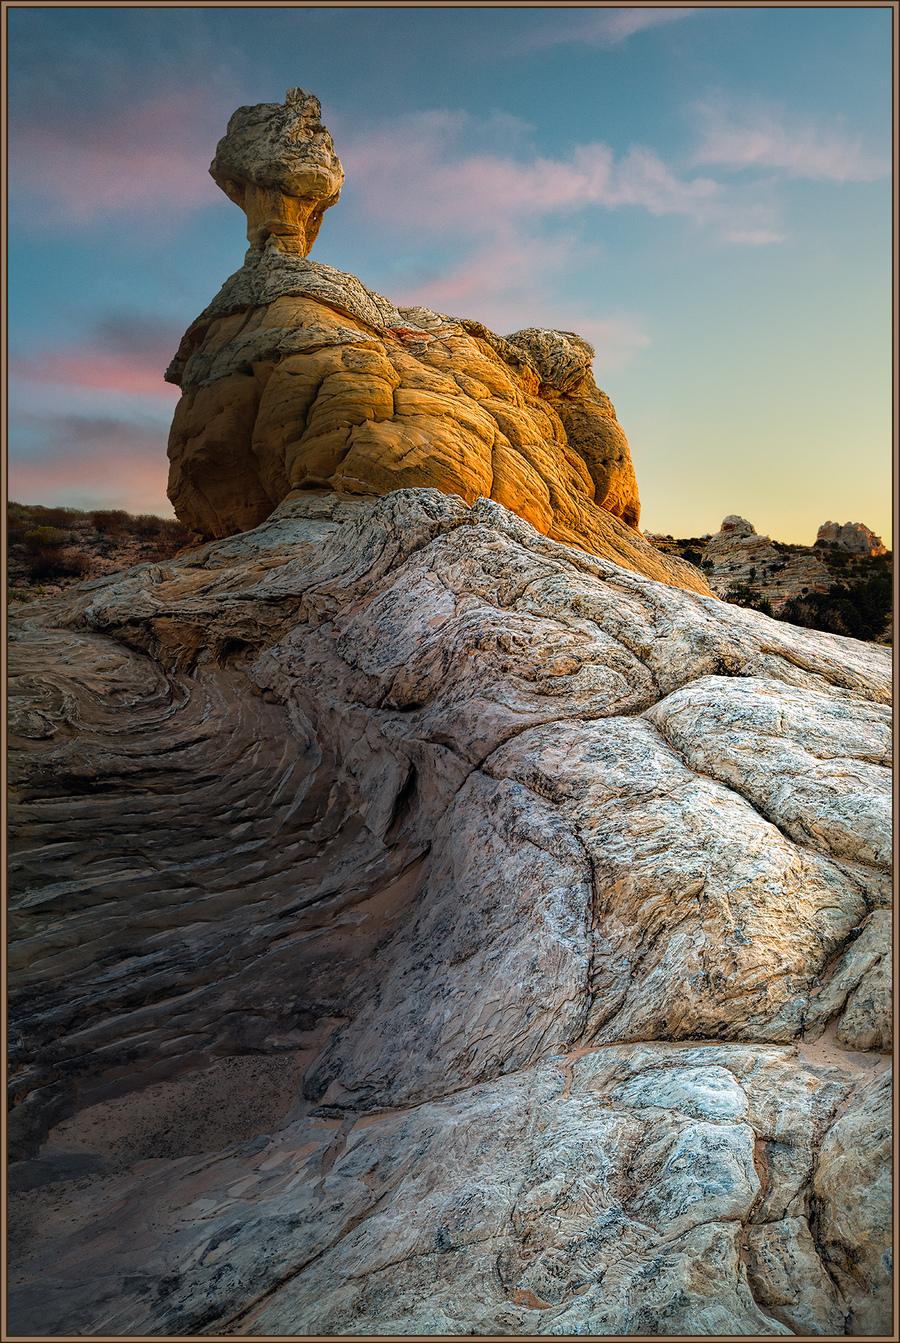 Camel rock ariz.jpg contrast